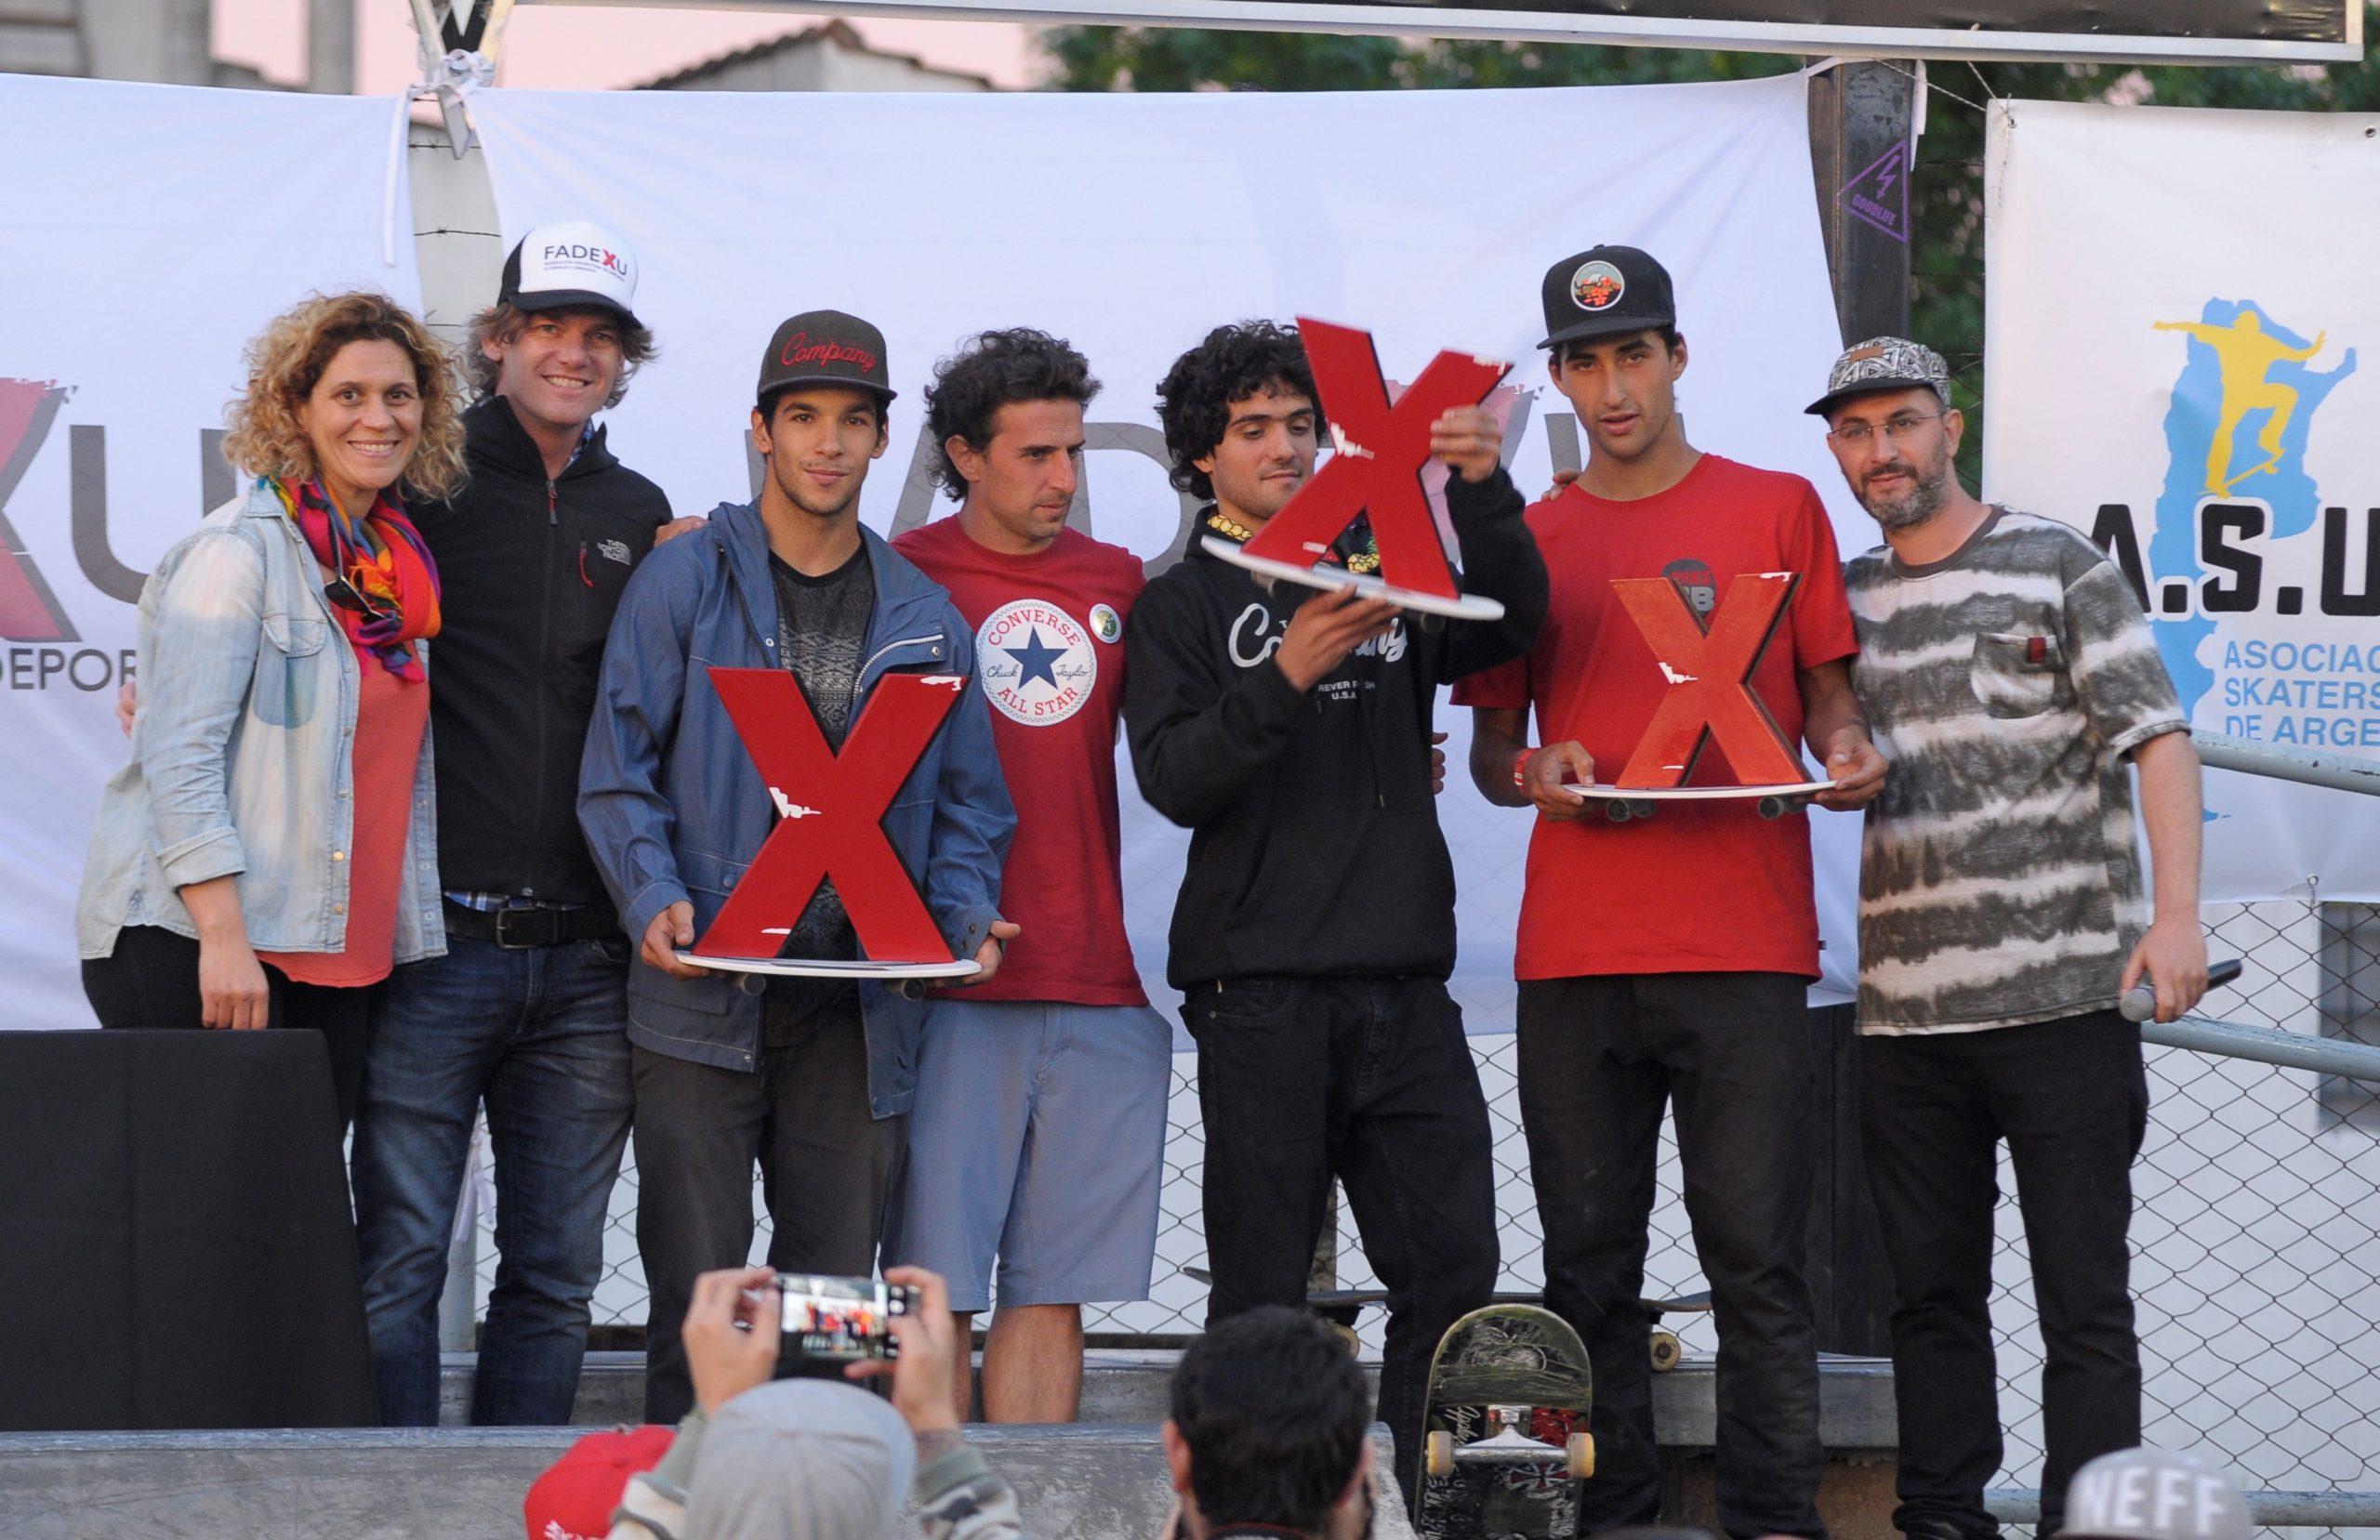 El podio del Primer Campeonato Argentino de Skate en Merlo con Moral en lo más alto del podio.